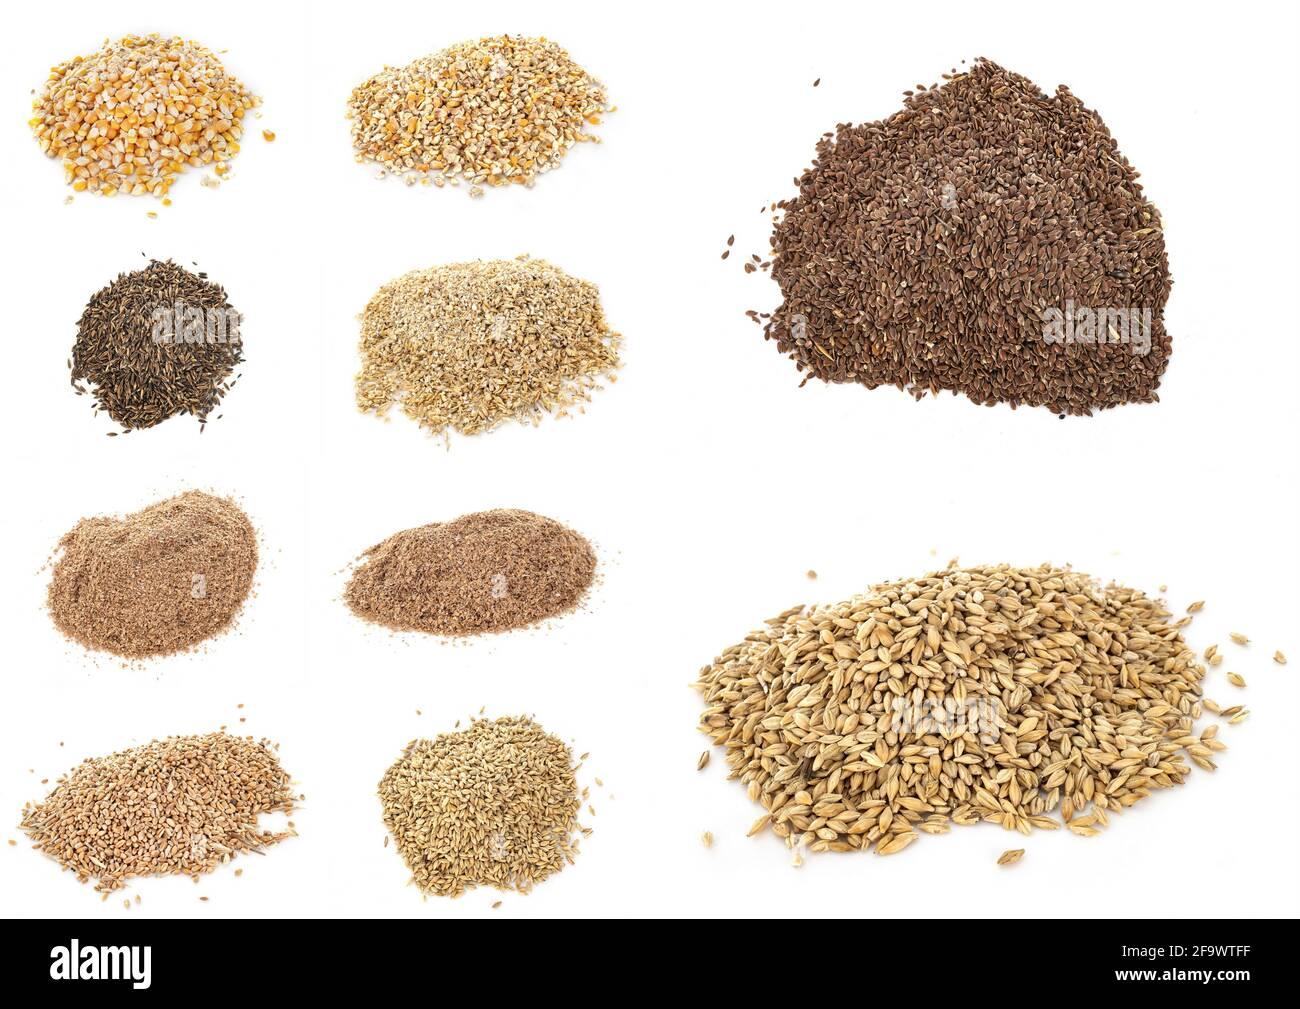 cuadro compuesto de cereales para la alimentación animal Foto de stock